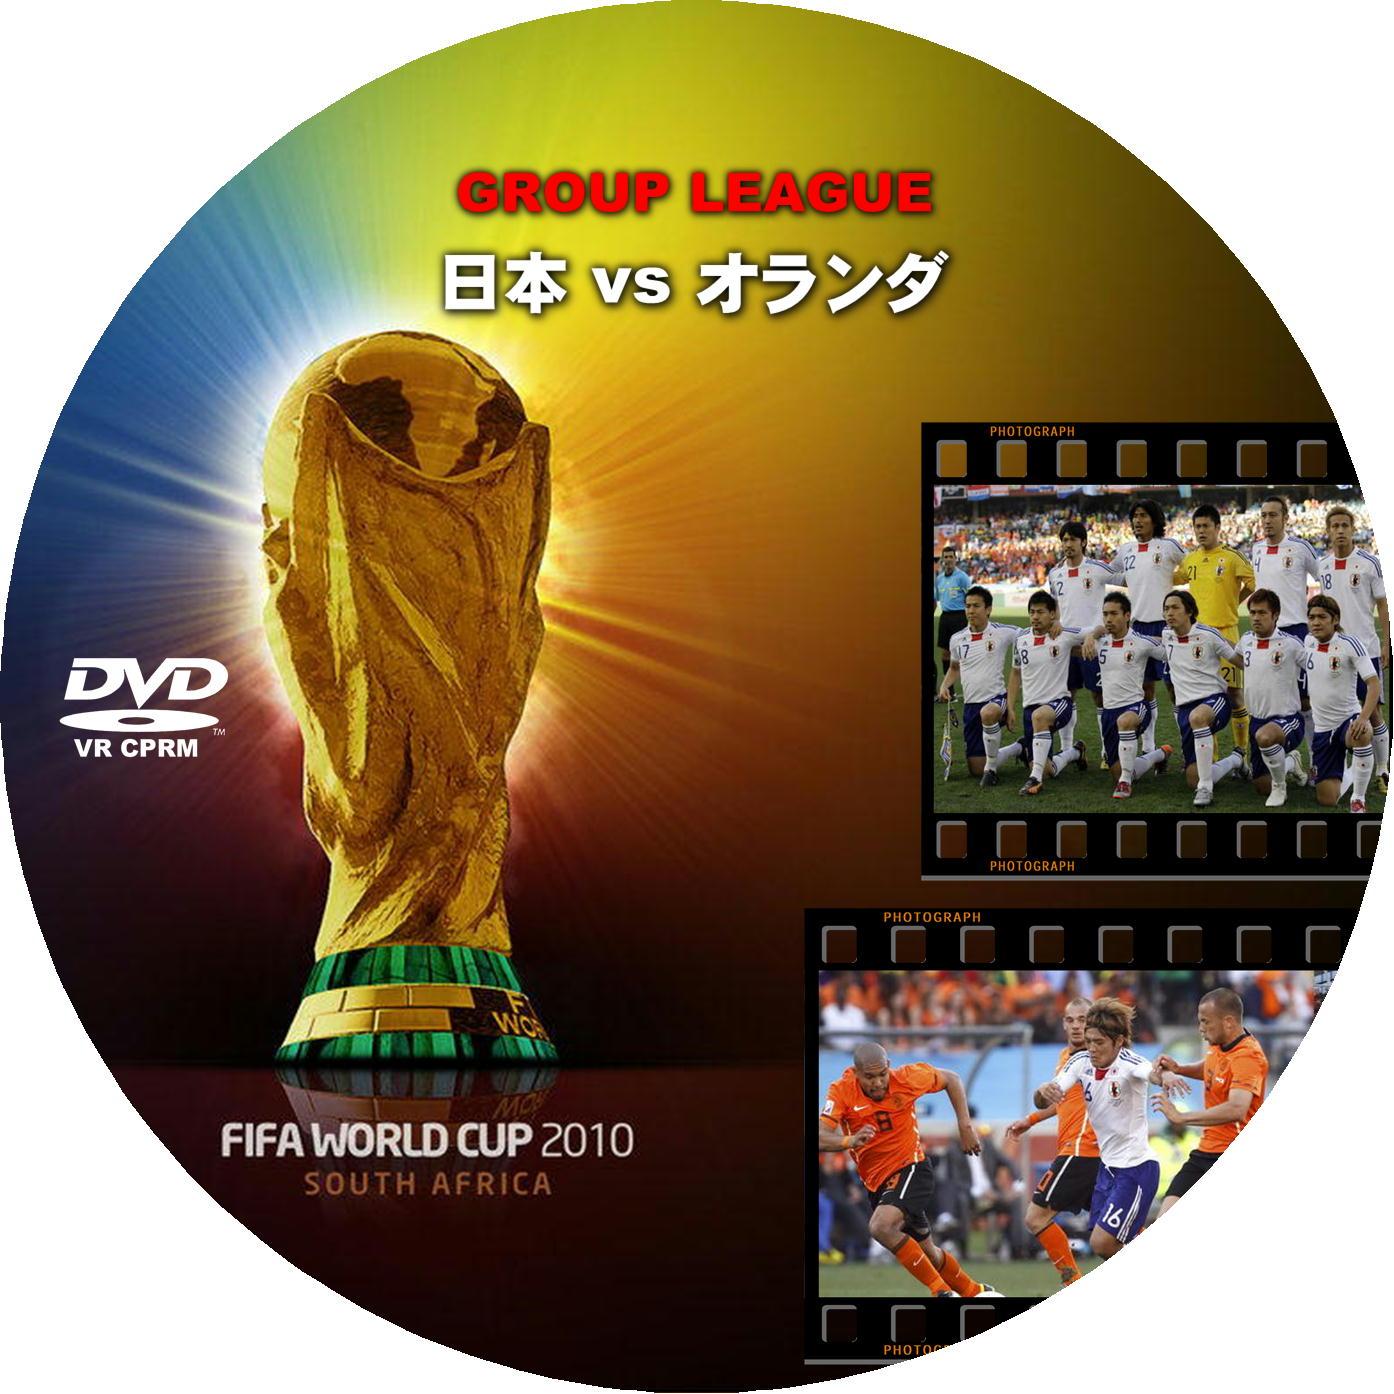 FIFA ワールドカップ 2010 日本 vs オランダ DVDラベル